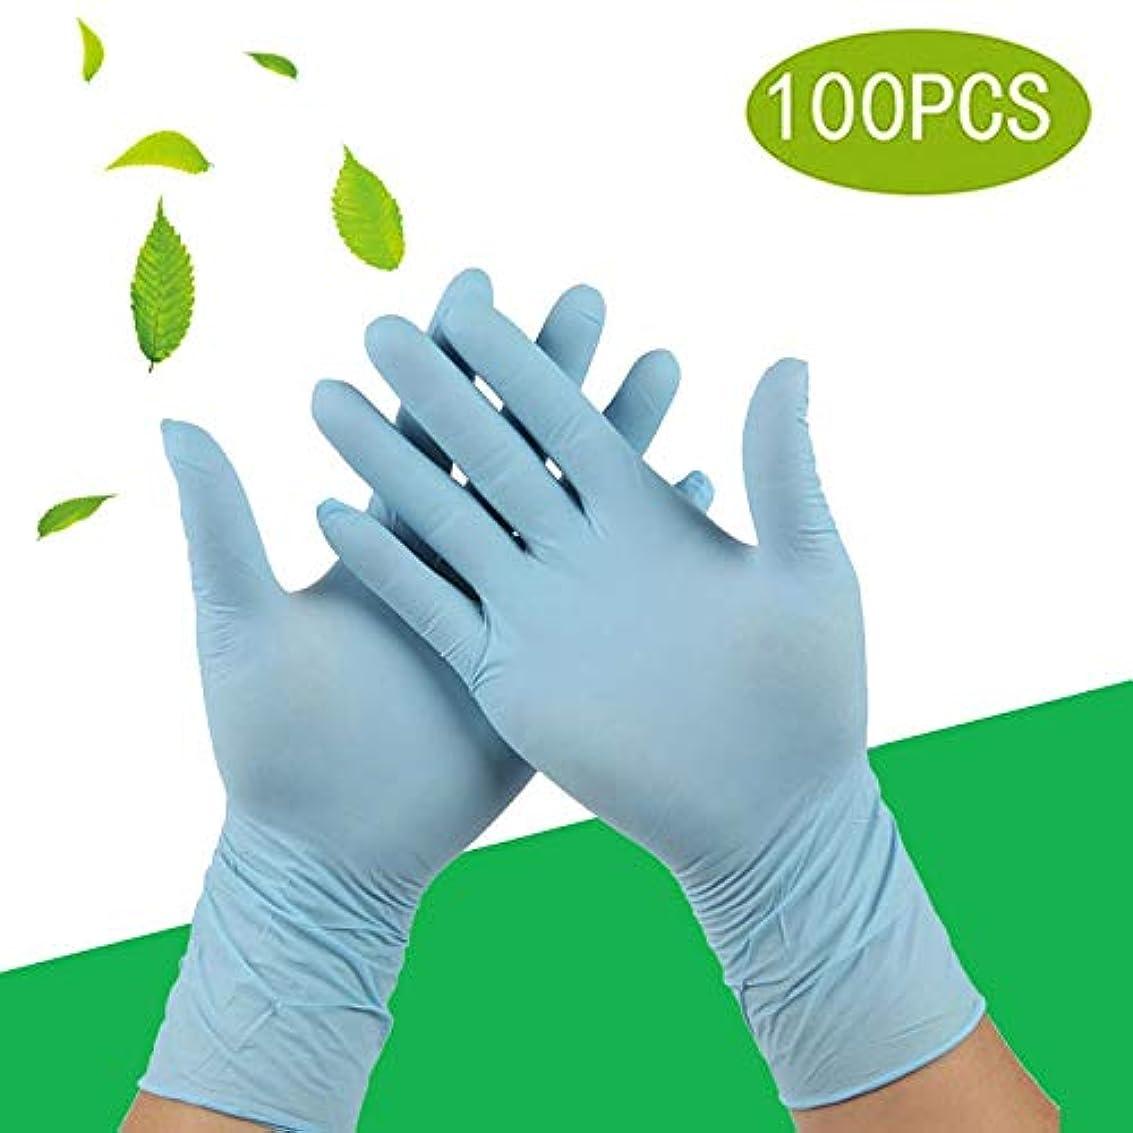 耐酸性および耐アルカリ性試験ニトリル試験用手袋、使い捨て、医療用グレード100カウント (Size : S)